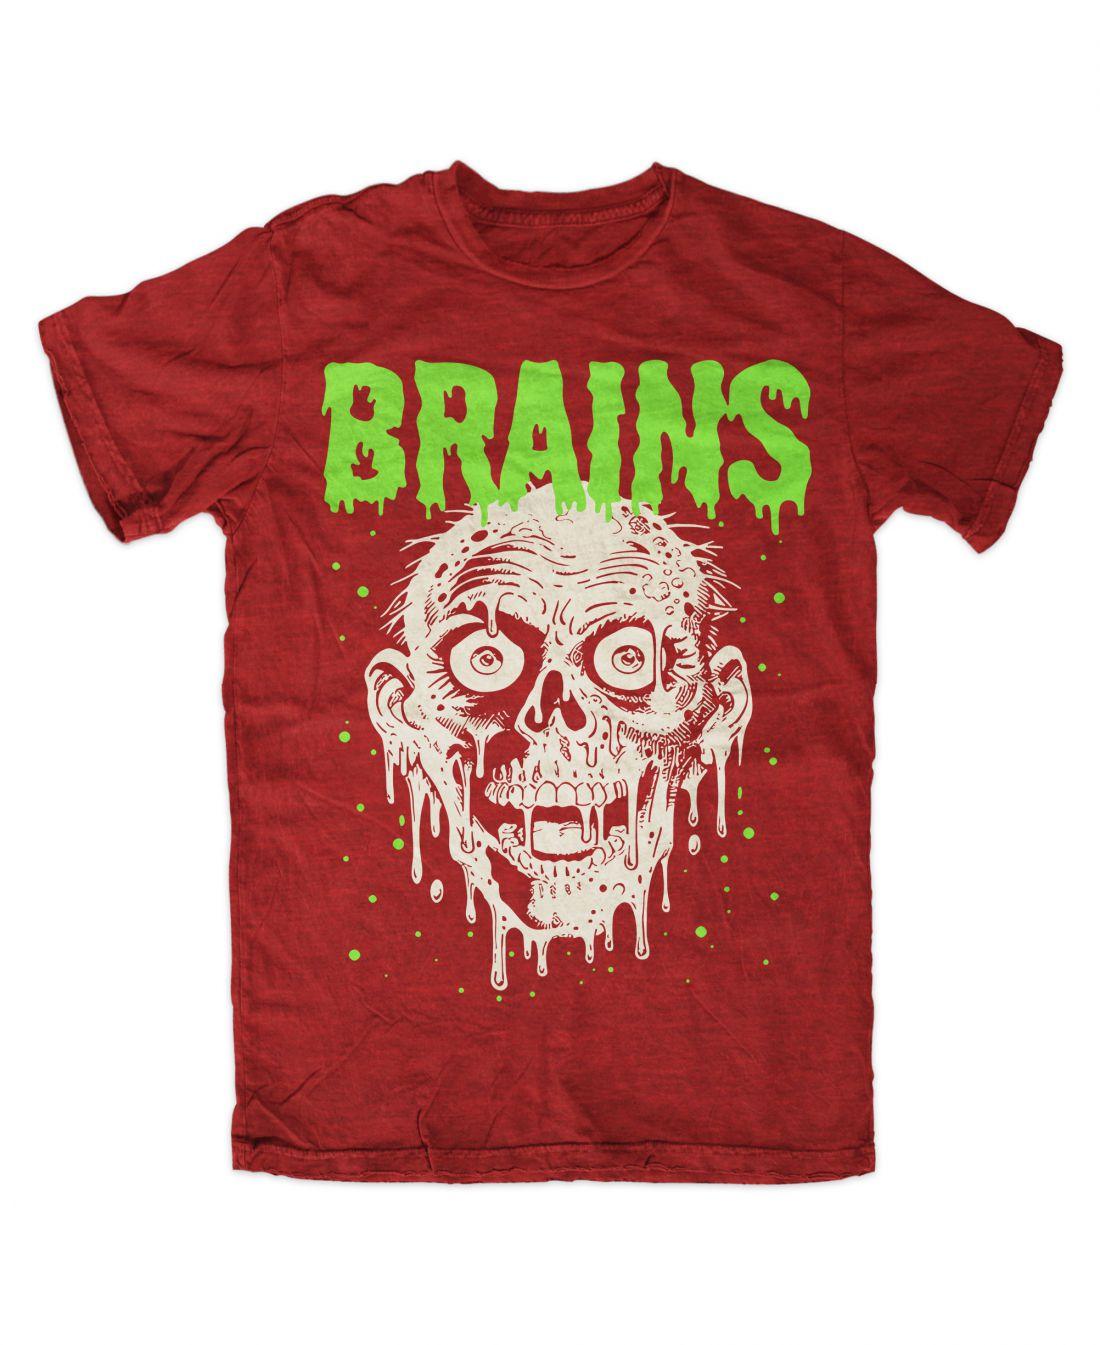 Brains (antique red póló)